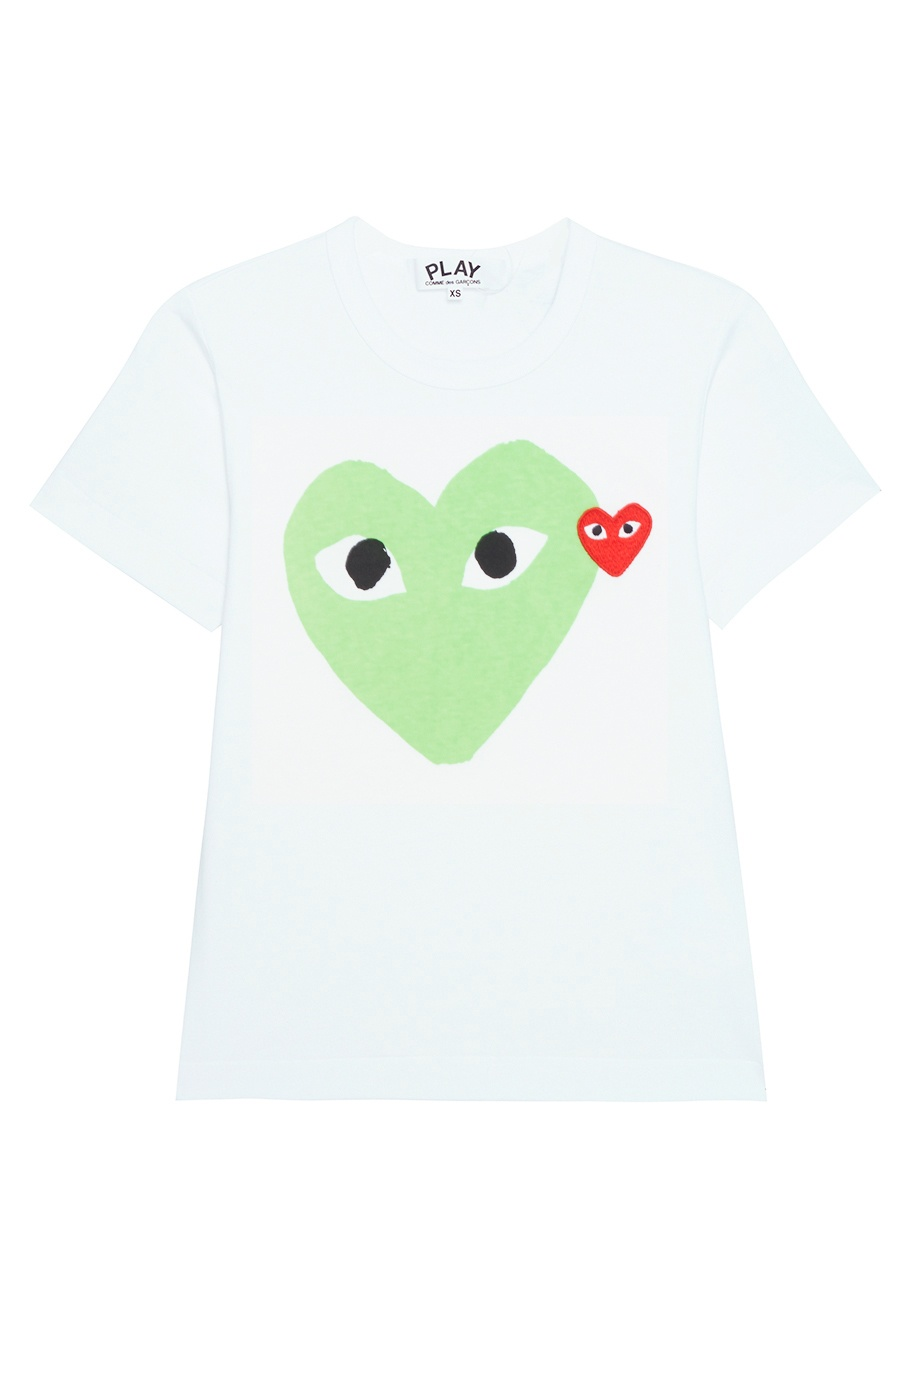 Custom TShirts and TShirt Printing  Spreadshirt